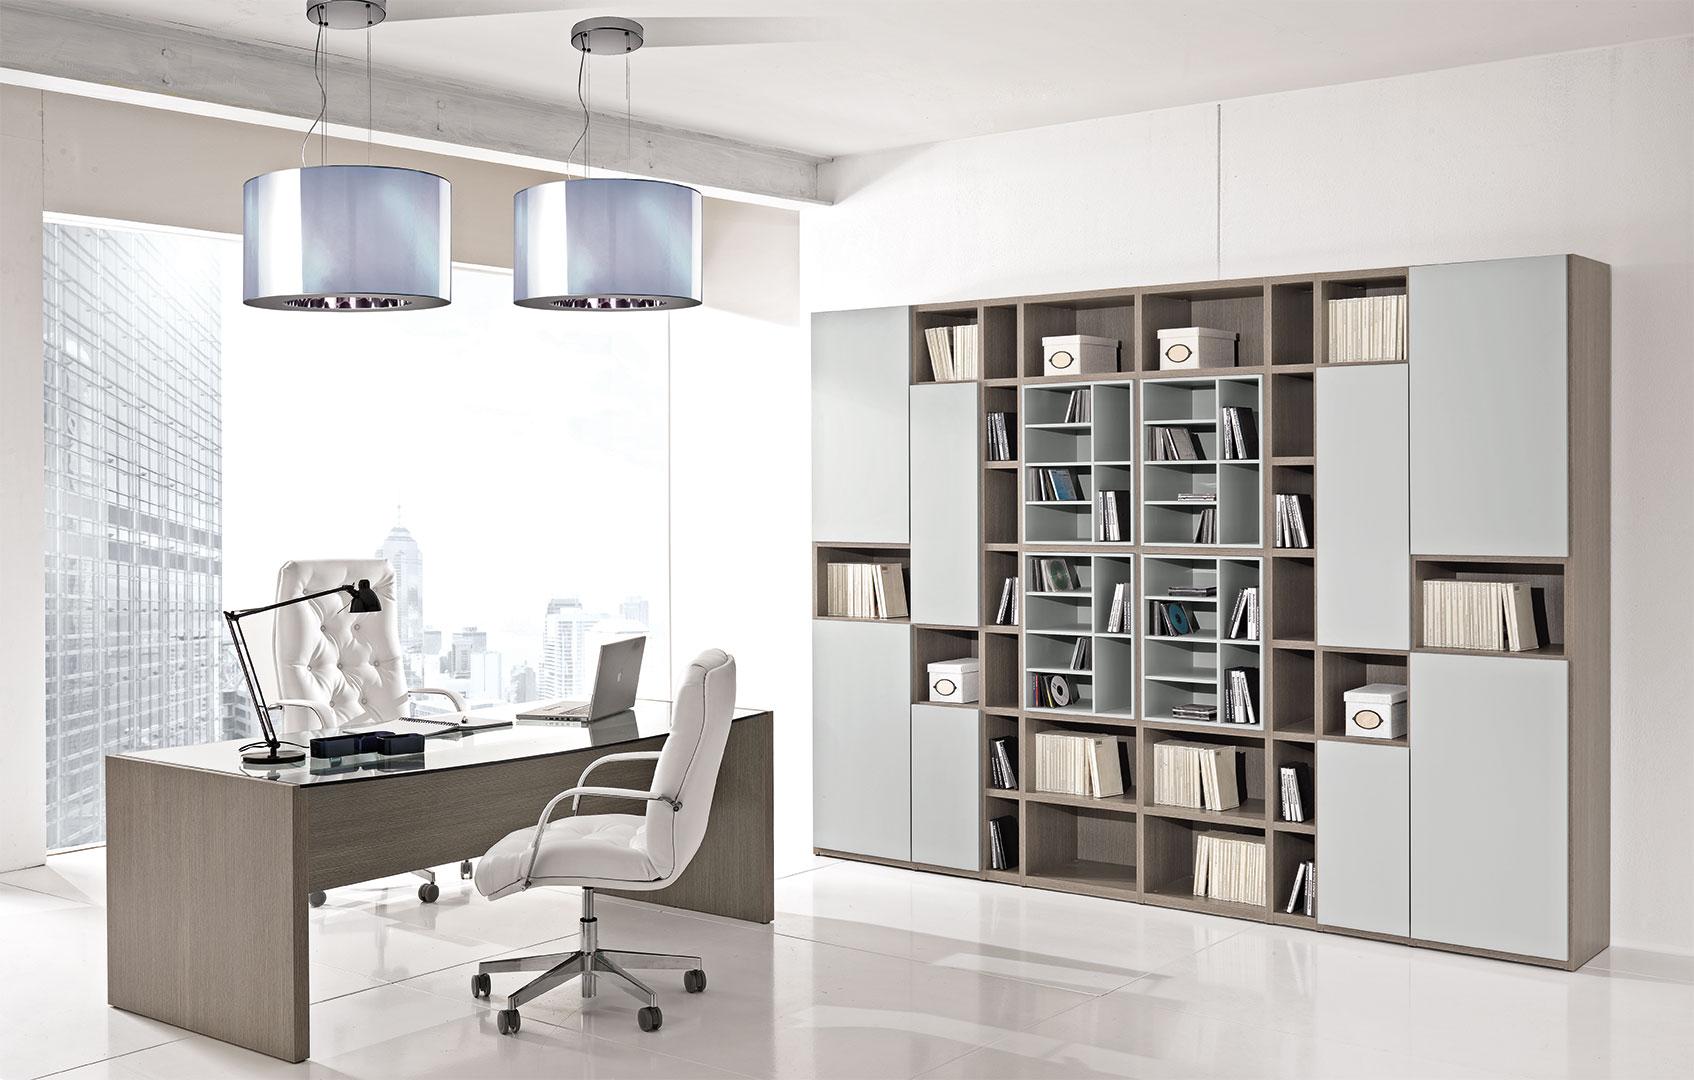 Arredamento Ufficio Classico Prezzi : Arredo ufficio mobili gm